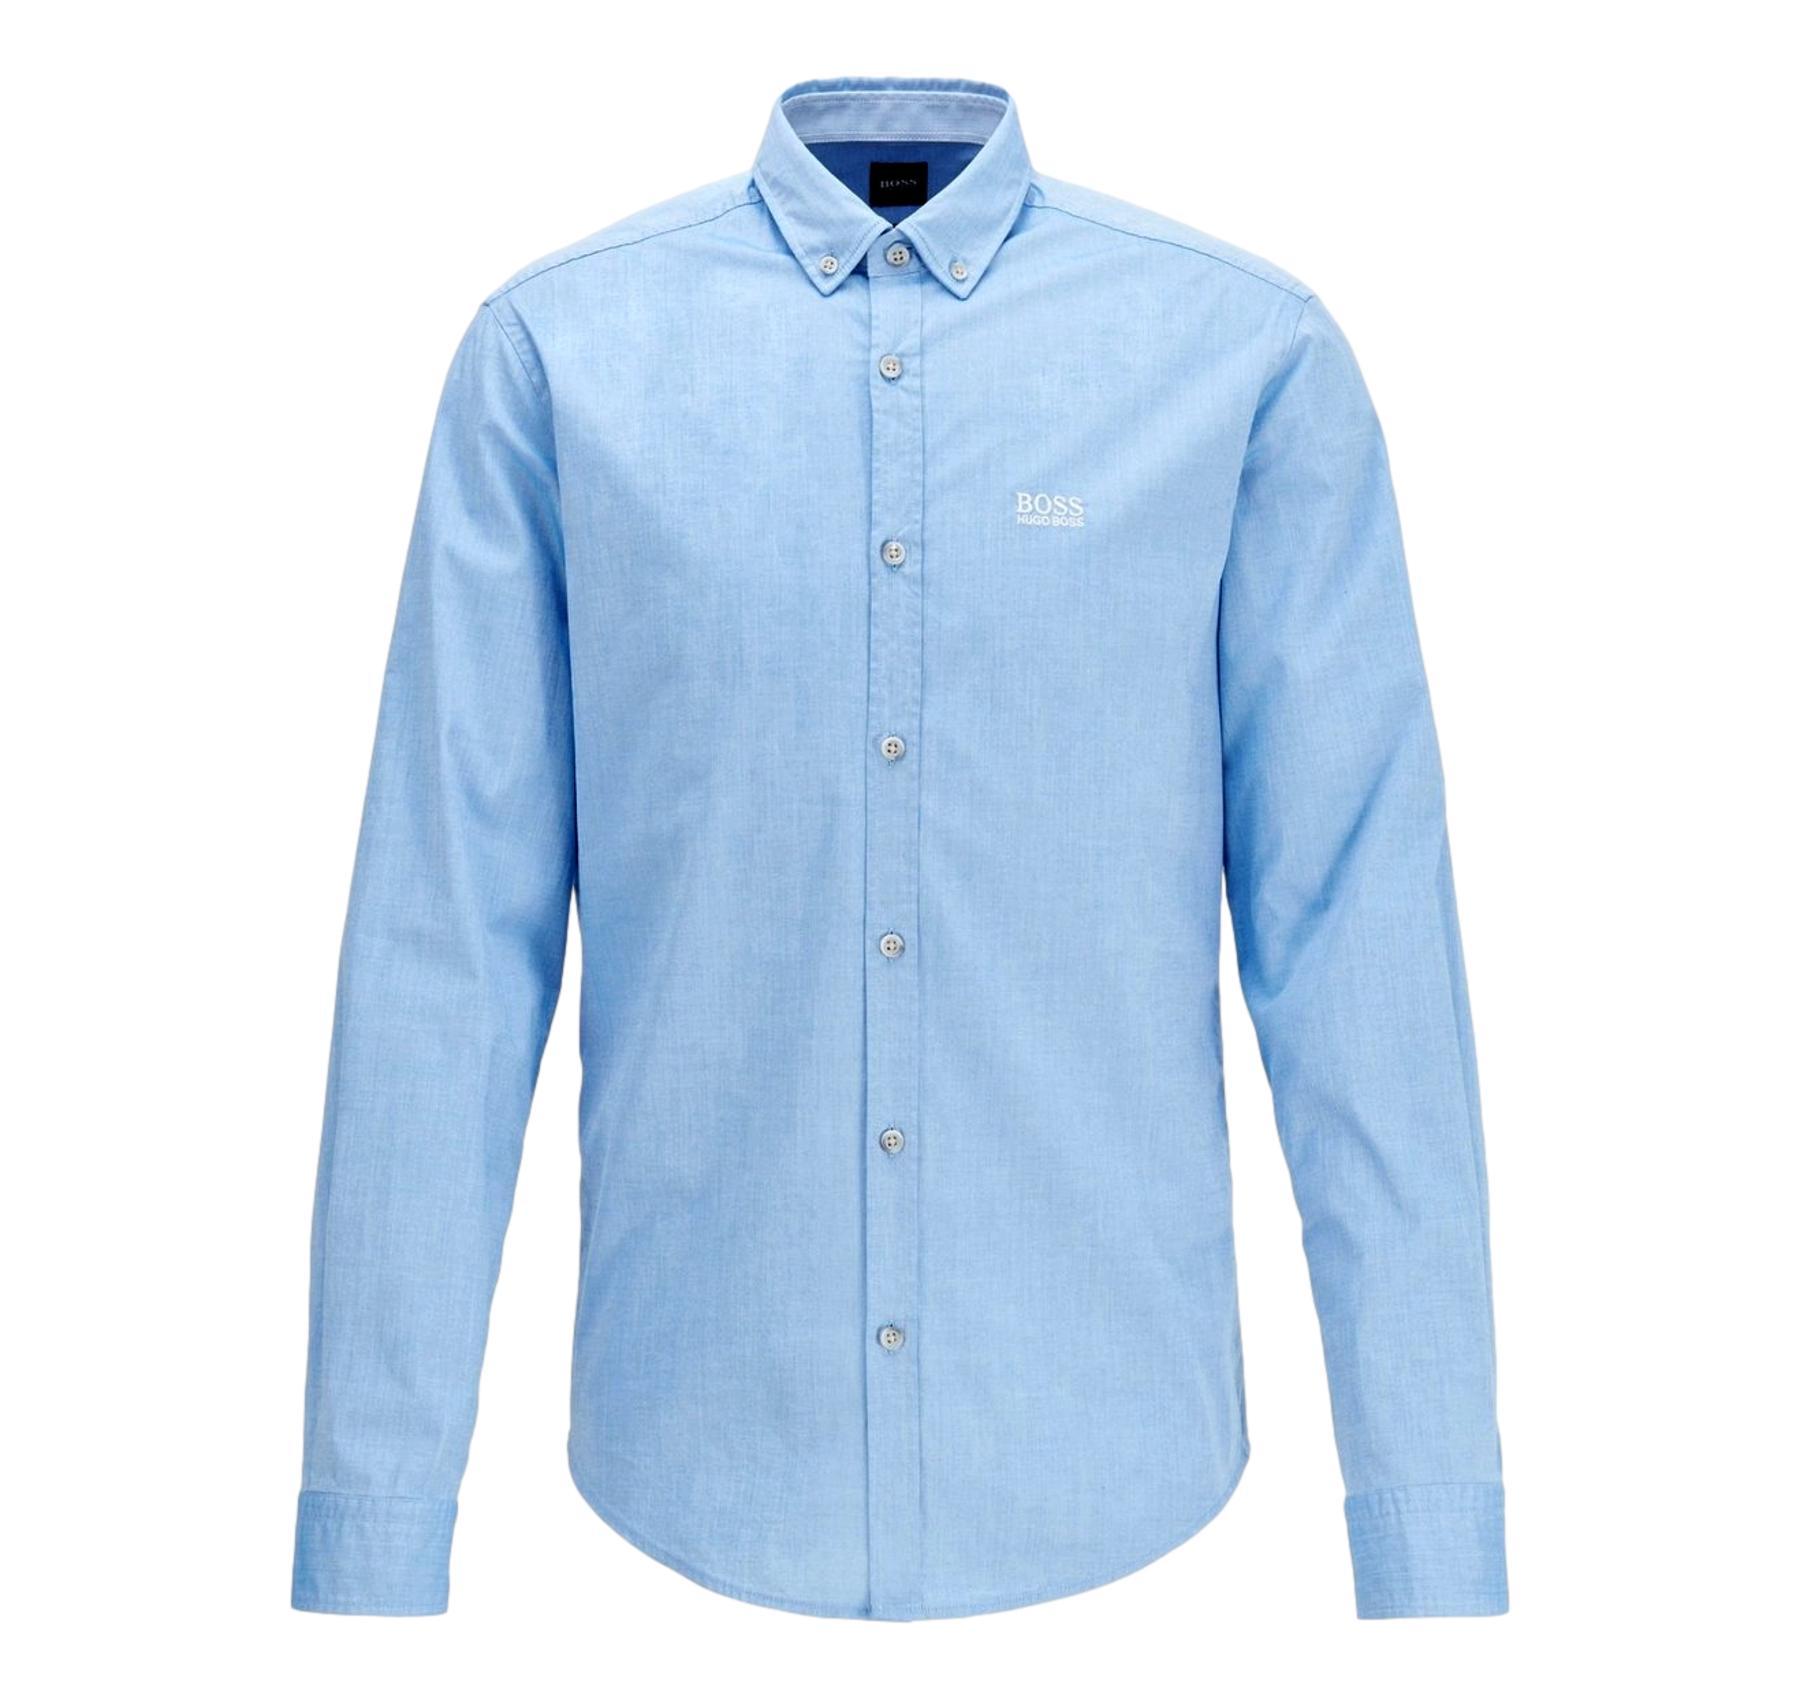 50425606 HUGO BOSS Camicia regular fit in cotone elasticizzato Modello BIADO/_R